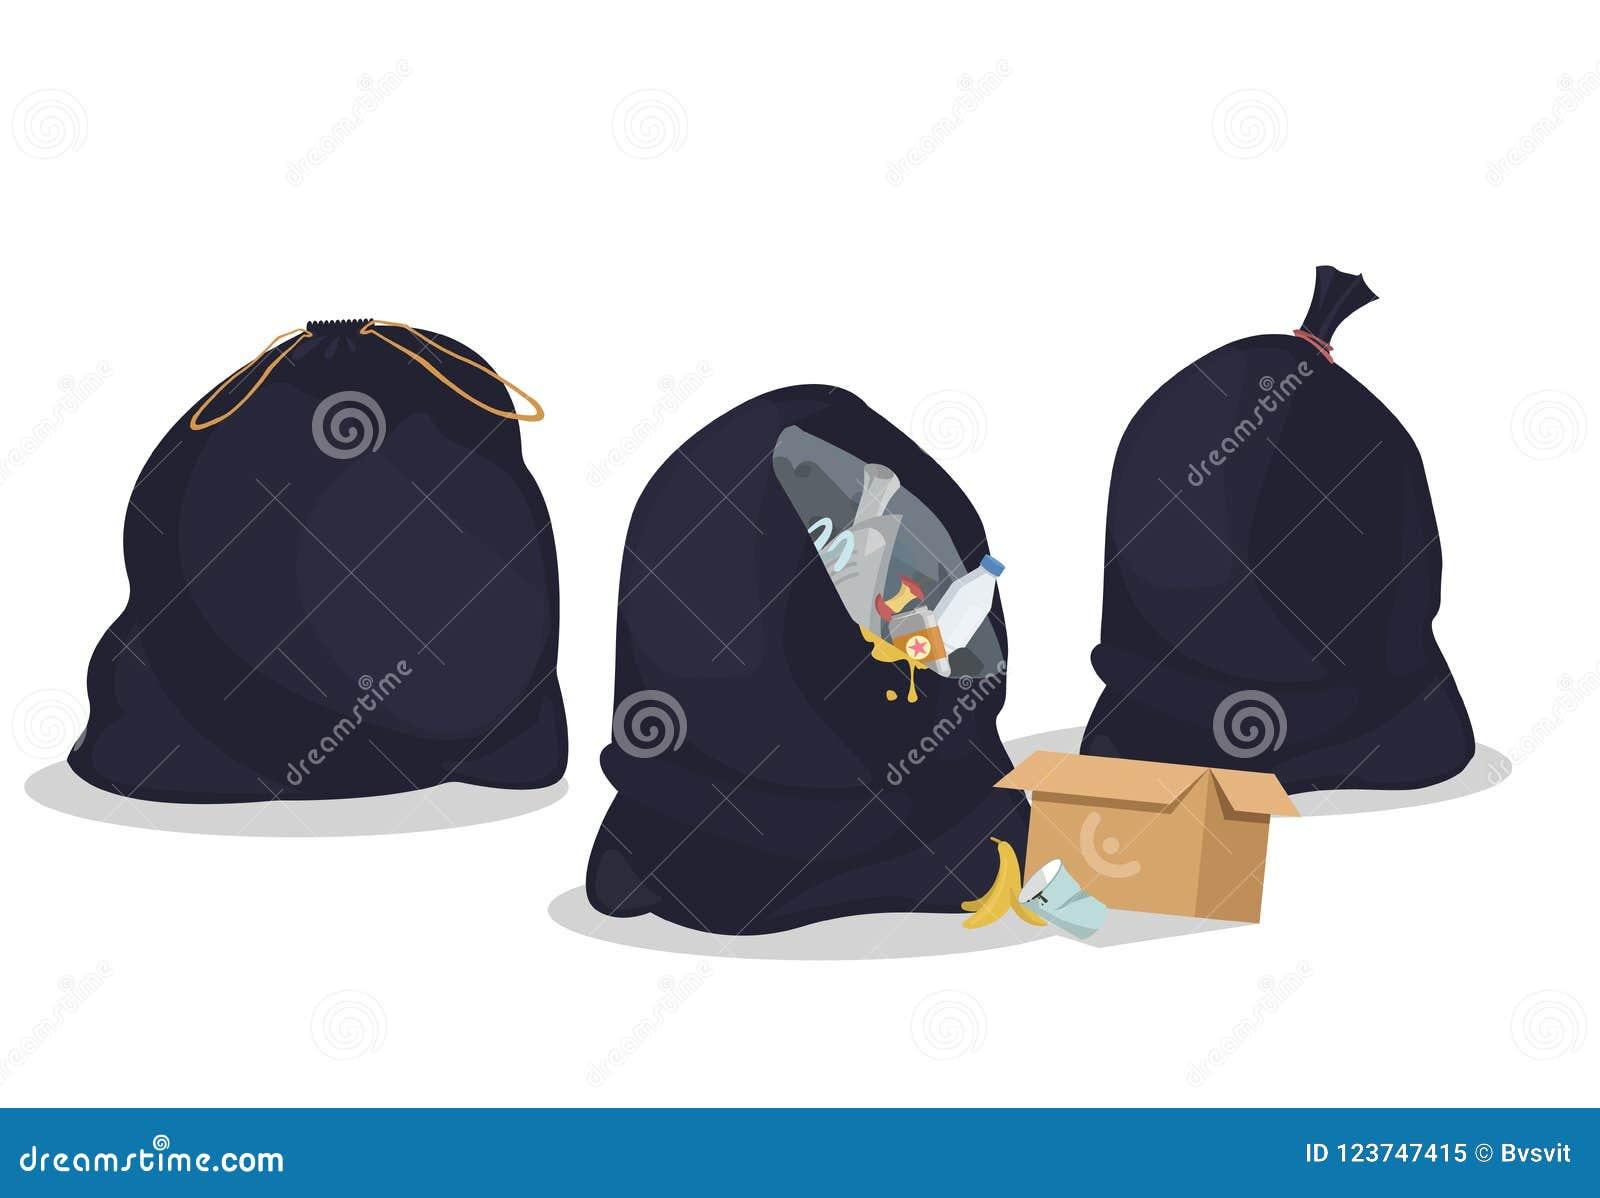 Pakete mit Abfall Offene und geschlossene schwarze Plastiktaschen mit Abfällen Sätze voll Abfall Spezielle Wegwerfbehälter für tr